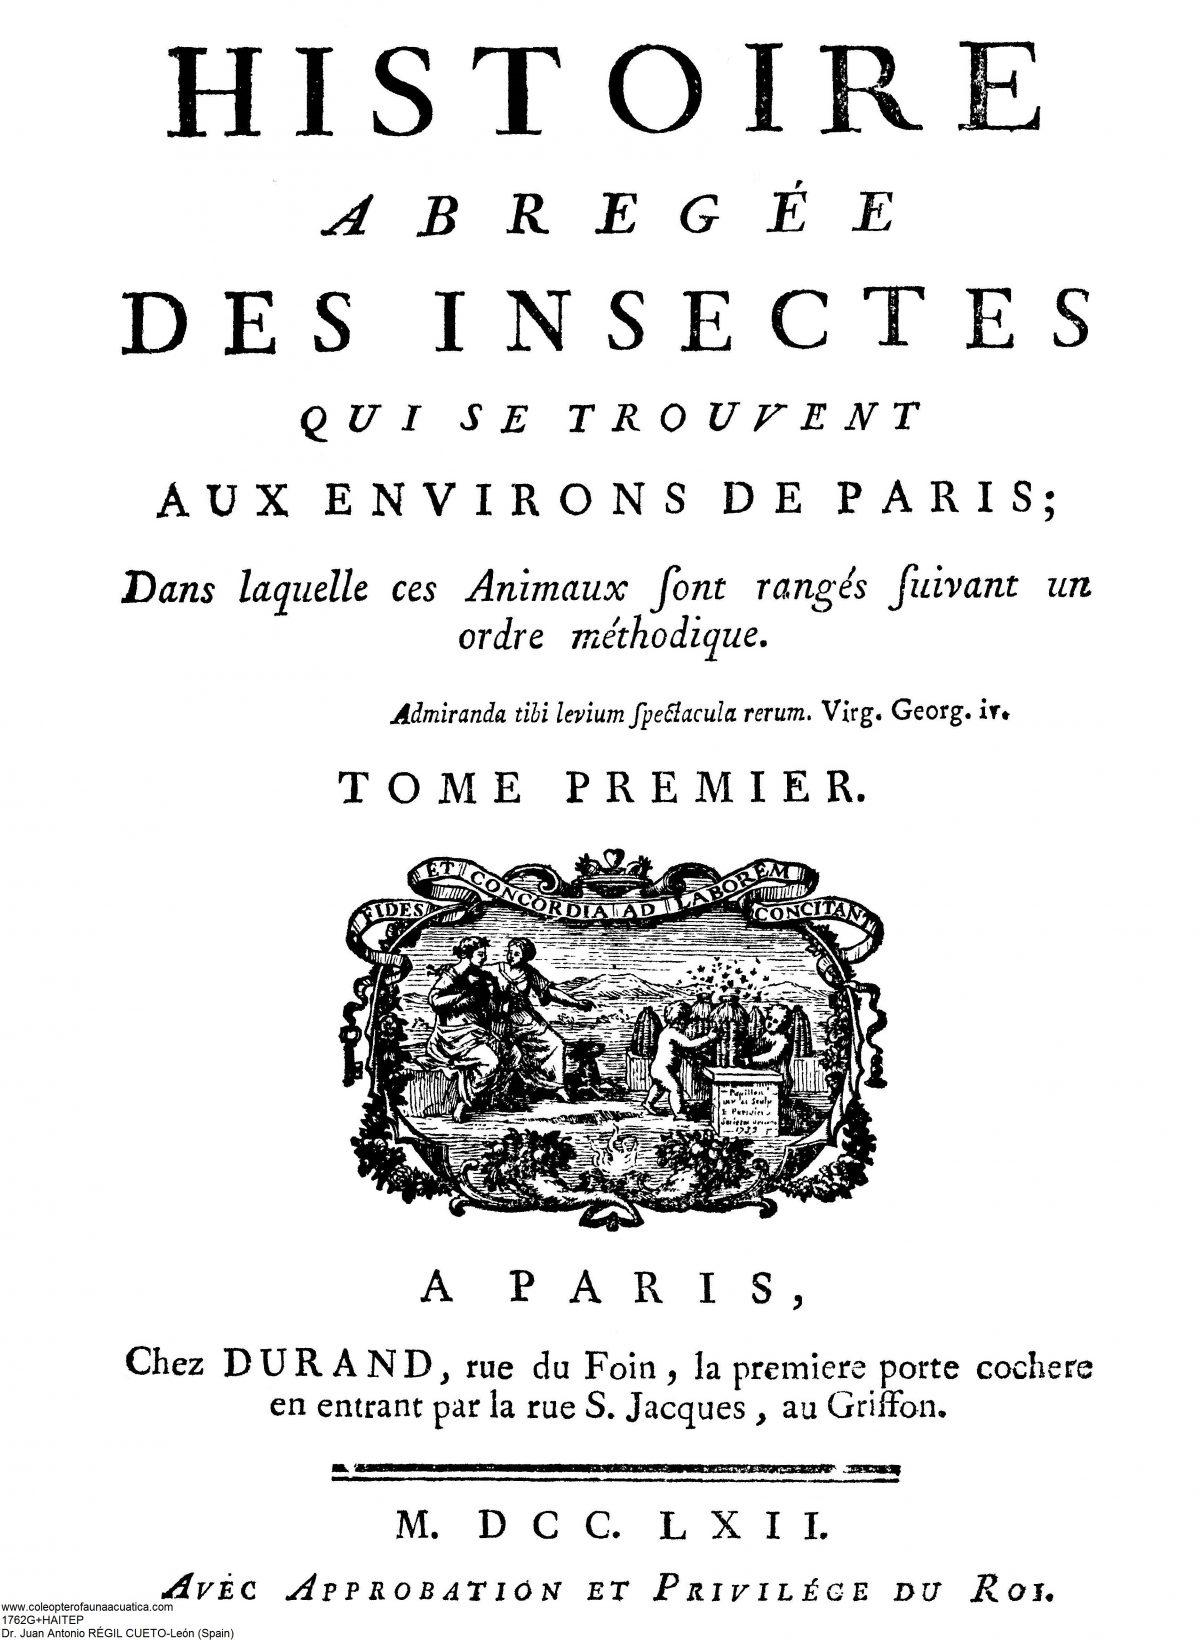 «Histoire abrégée des insectes qui se trouvent aux environs de Paris; Dans laquelle ces Animaux son rangés suivant un ordre méthodique. Tome premier.»